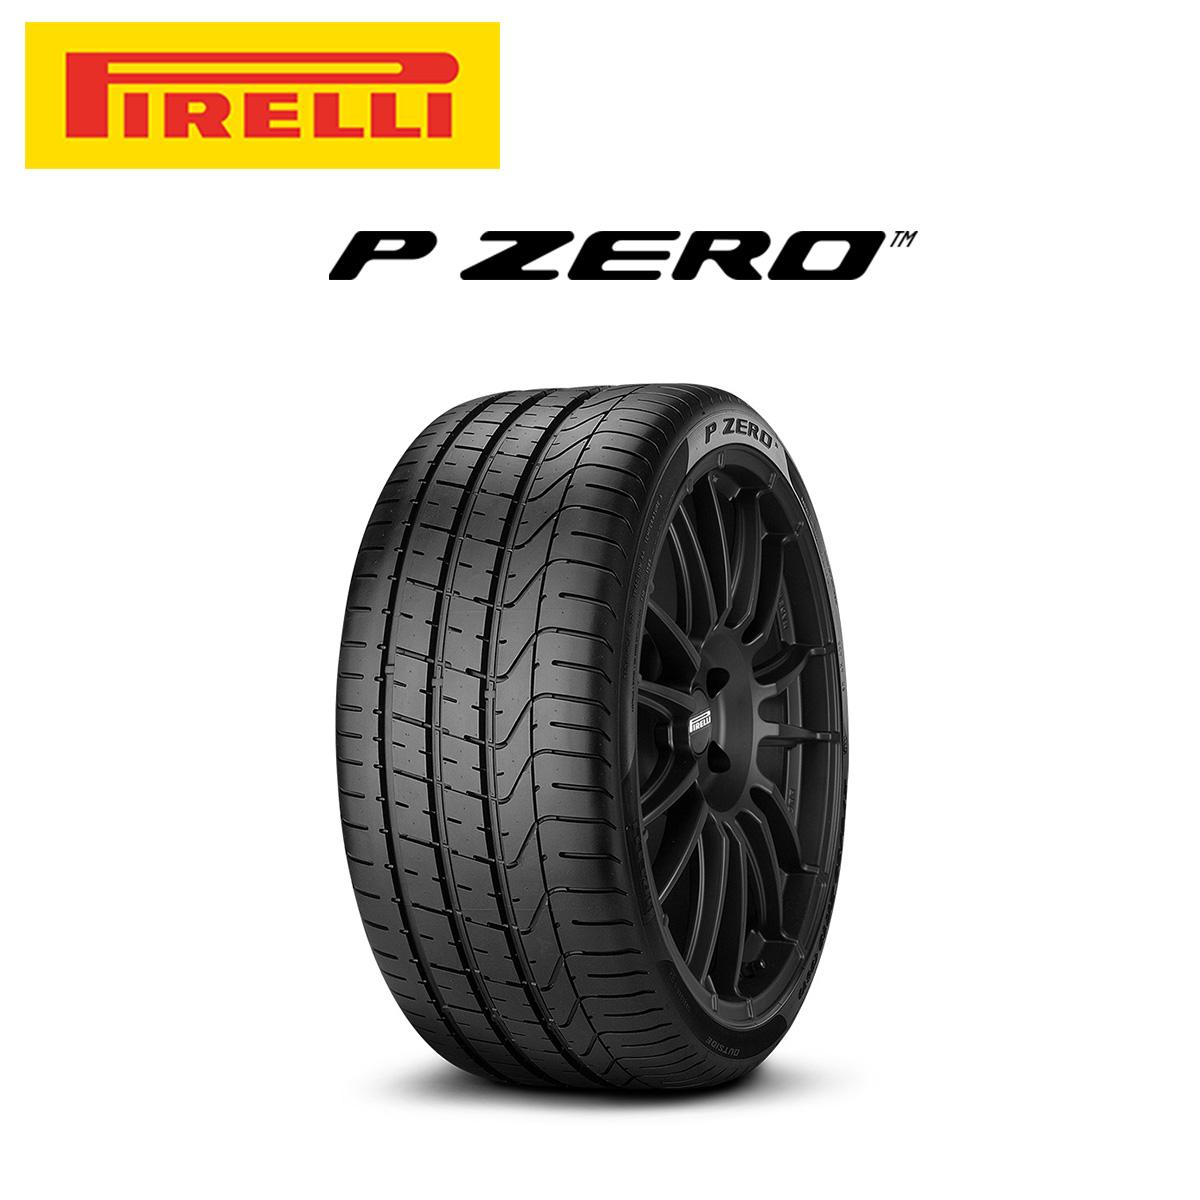 ピレリ PIRELLI P ZERO ピーゼロ 20インチ サマー タイヤ 4本 セット 225/35R20 90Y XL r-f ★:BMW MINI承認タイヤ 2074600